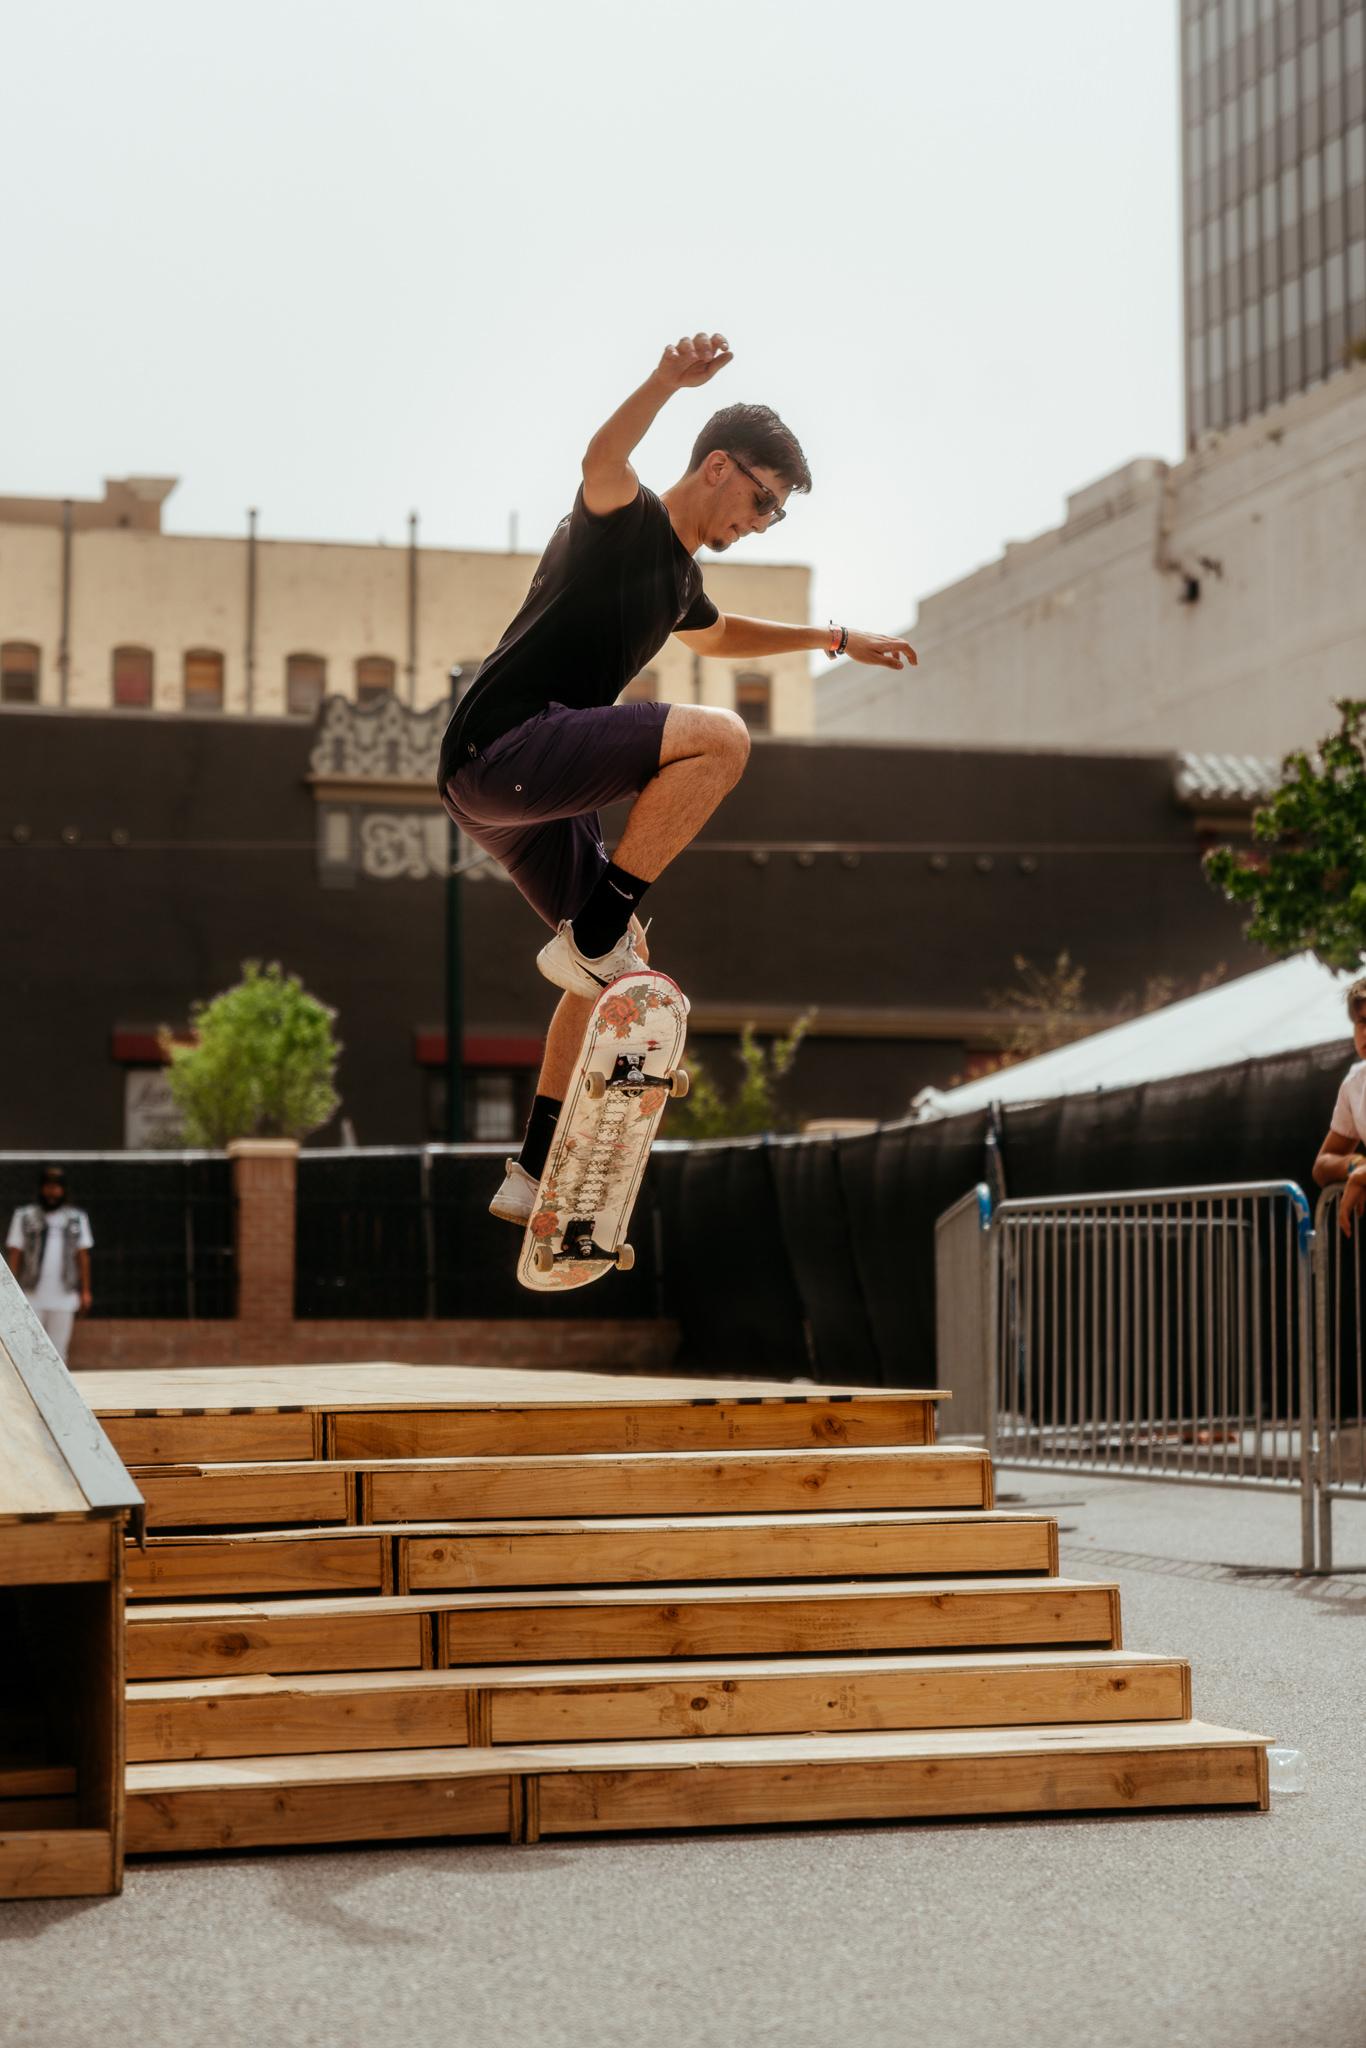 skate_NeonDesert2019_KirbyGladstein-09210.jpg